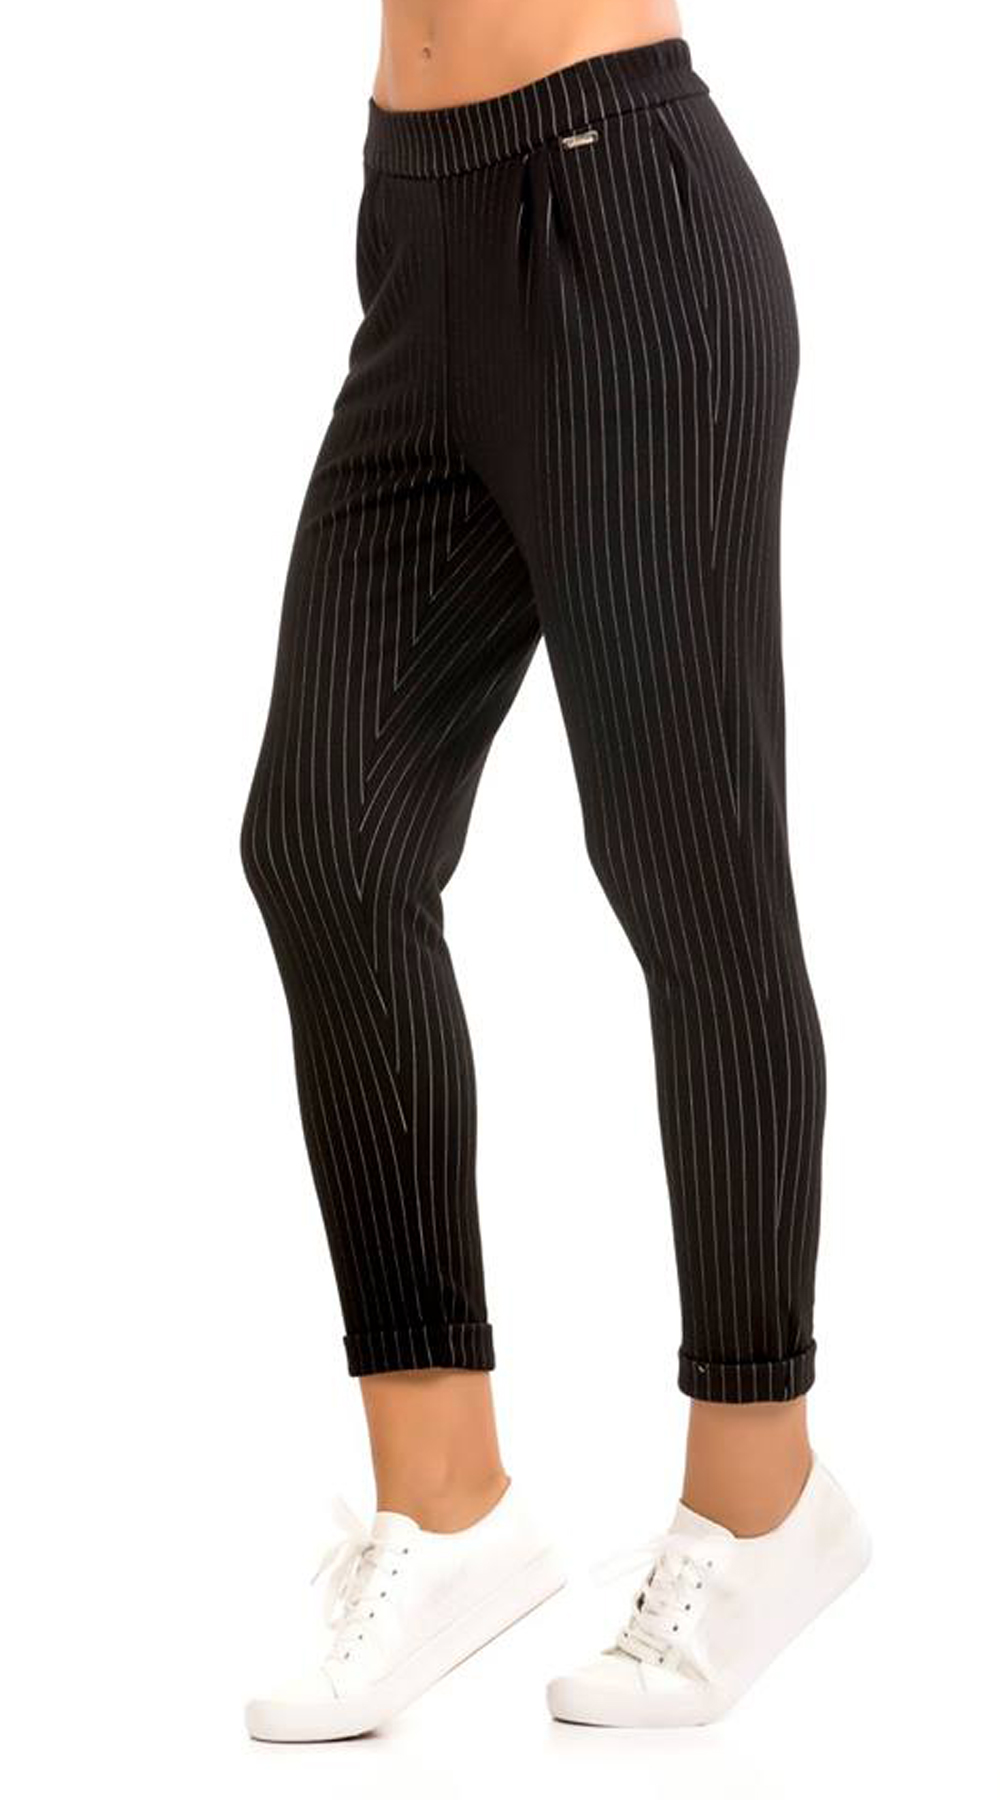 Γυναικείο ριγέ cigarette παντελόνι με τσέπες στο πλάι και λάστιχο στη μέση(shpts top trends basic shop